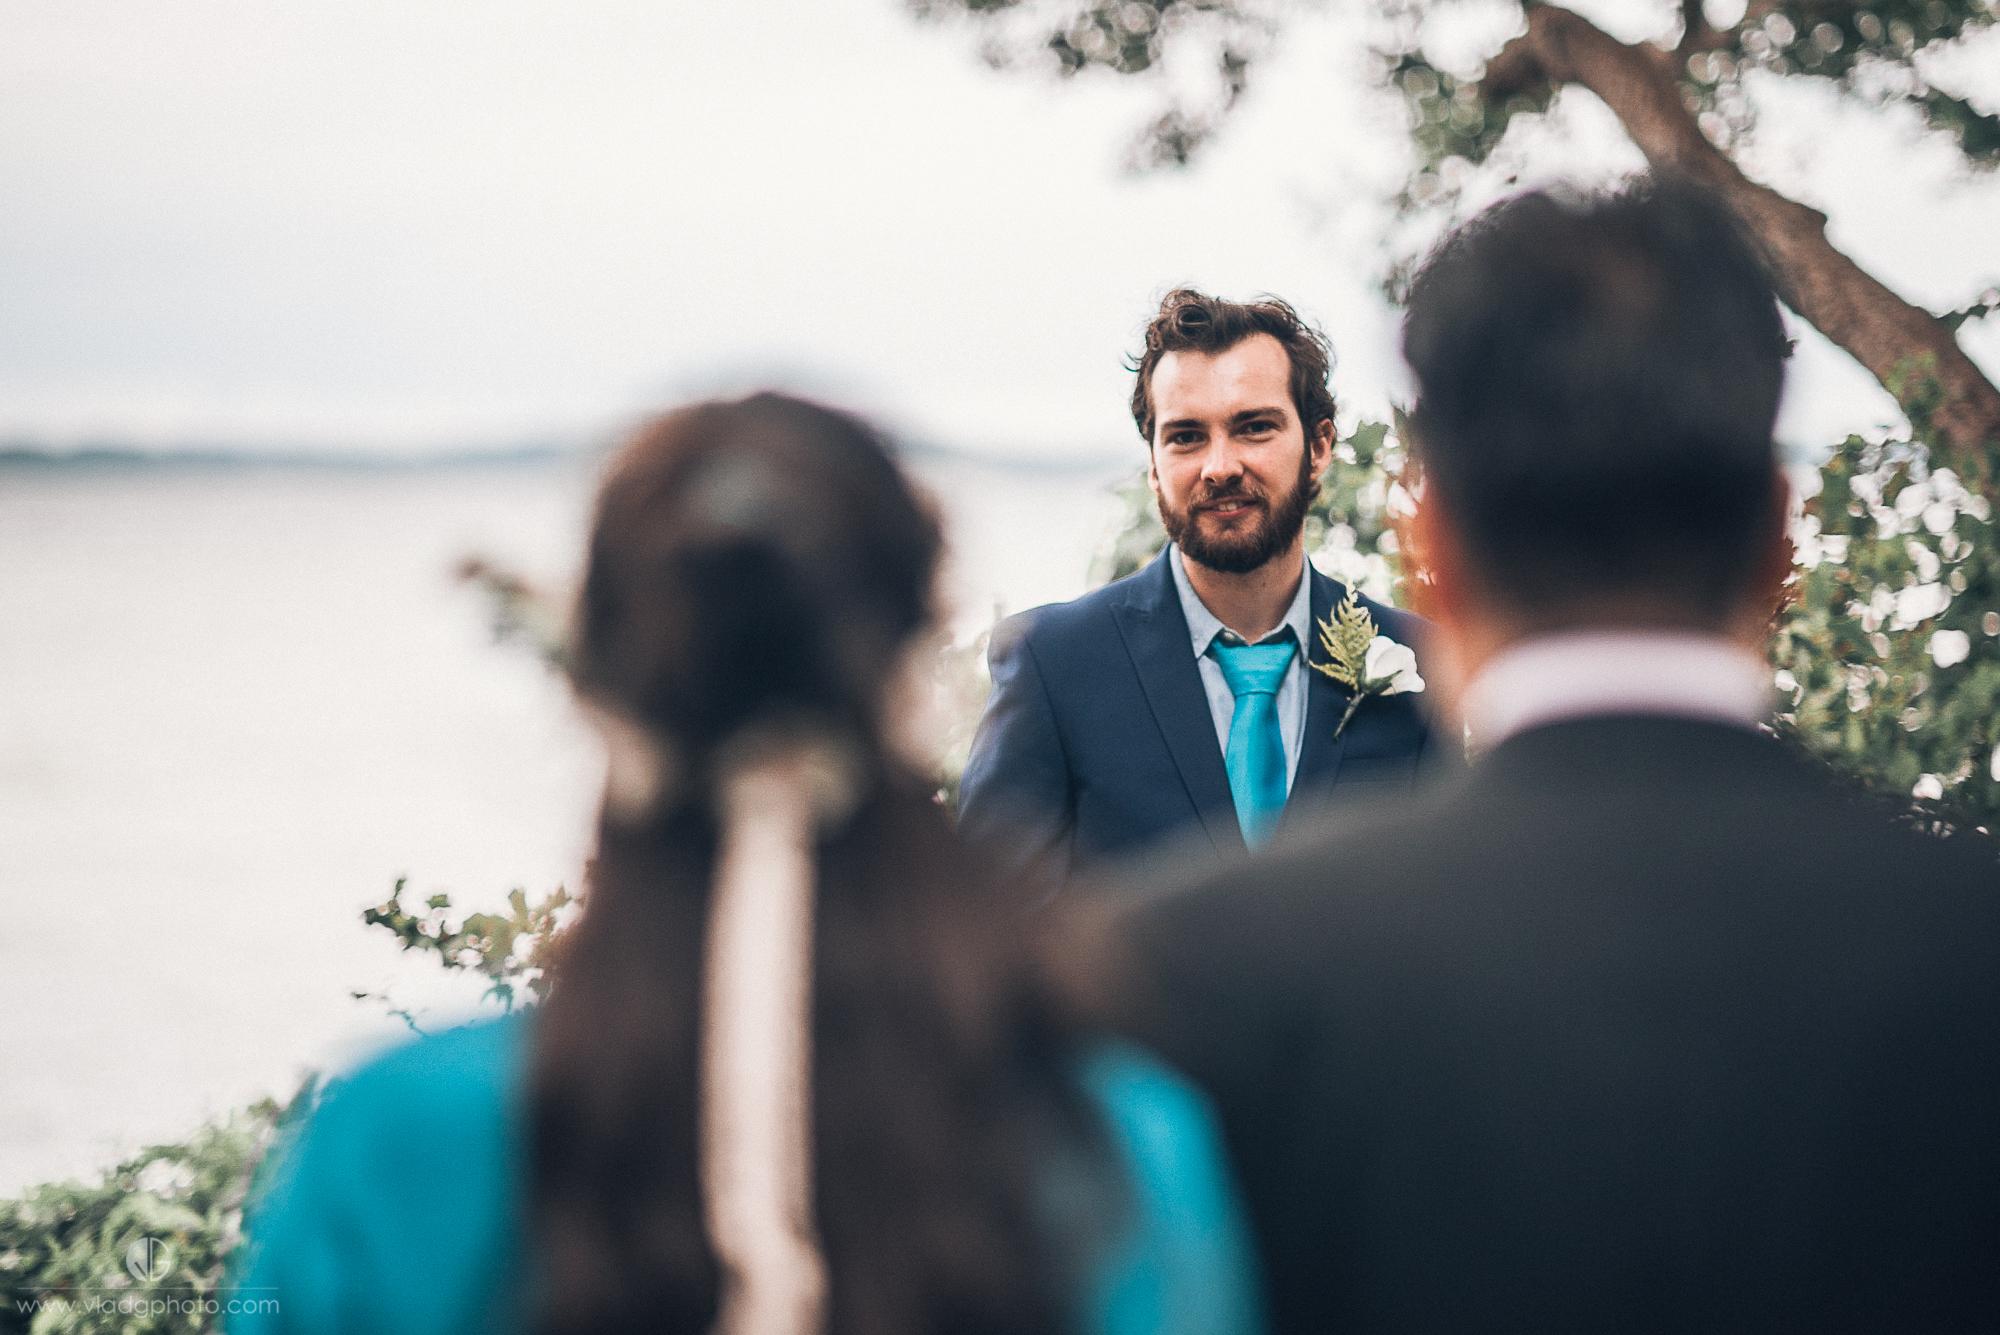 Gribskov Forest Wedding Photographer Denmark_2.jpg